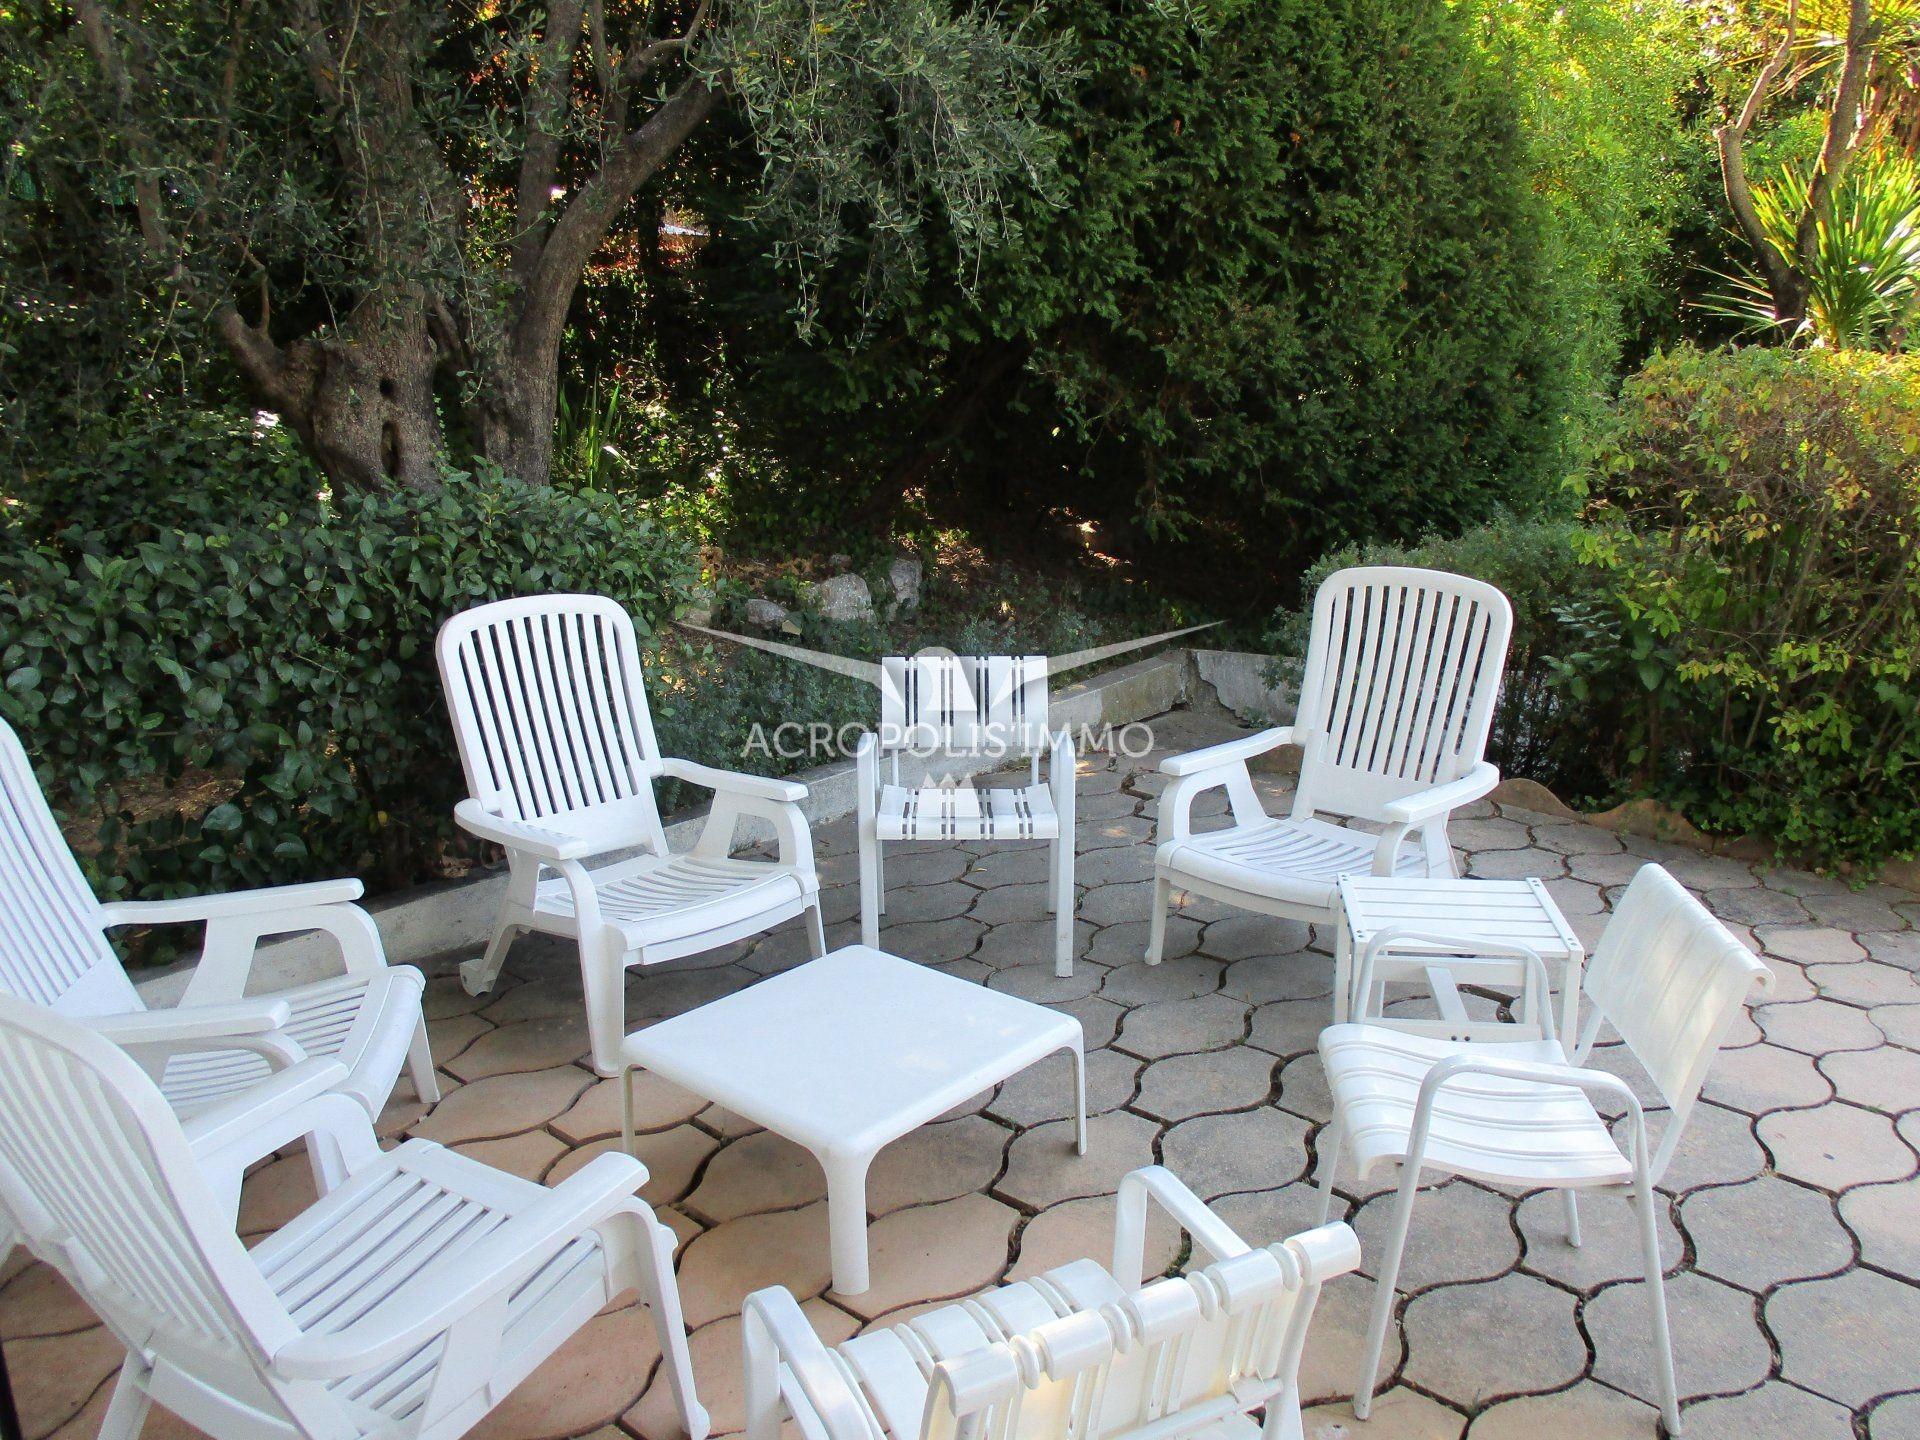 Jardin De Provence Nemours Beau Collection Les Jardins De Cocagne Aussi Impressionnant Jardin A Visiter Lovely